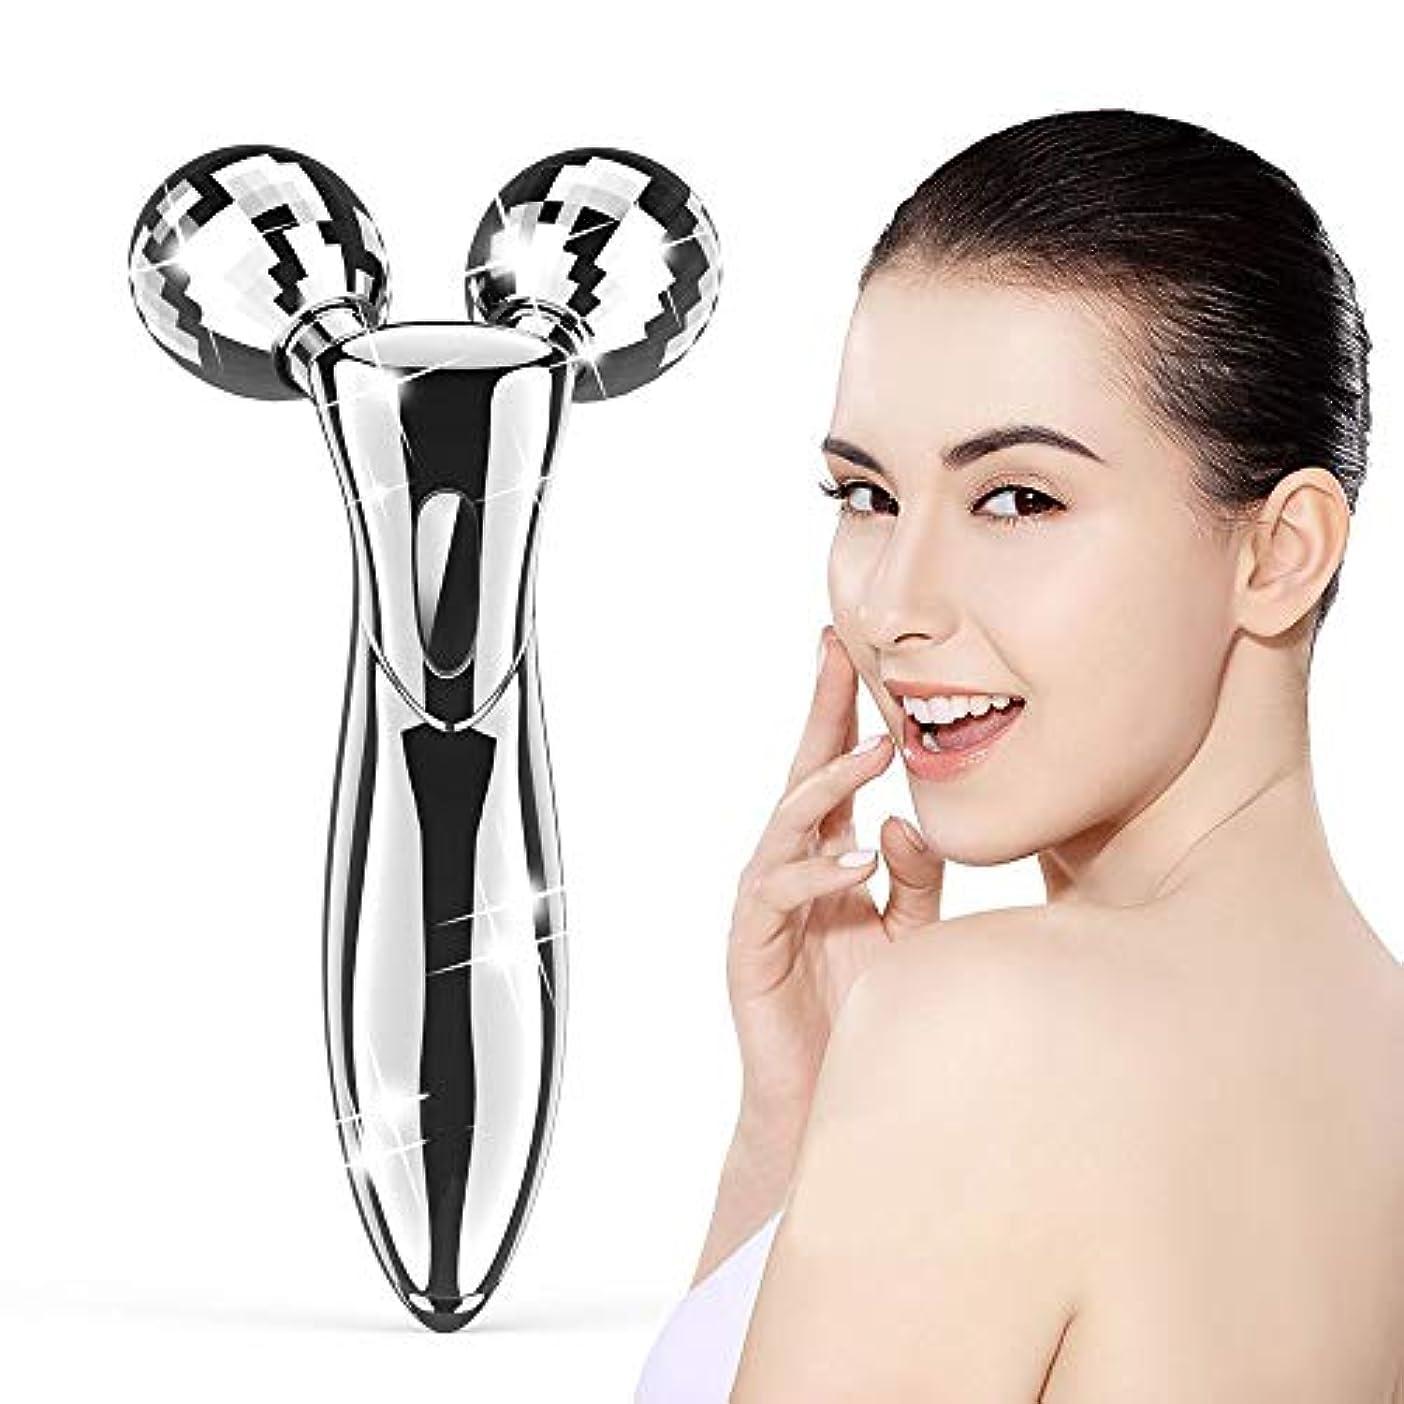 ワーム冷蔵庫大人美容ローラー 美顔ローラー フェイスローラー 美顔器 V字型 マイクロカレント マッサージローラー 3D ボディーローラー 充電不要 ほうれい線改善 防水 ギフト